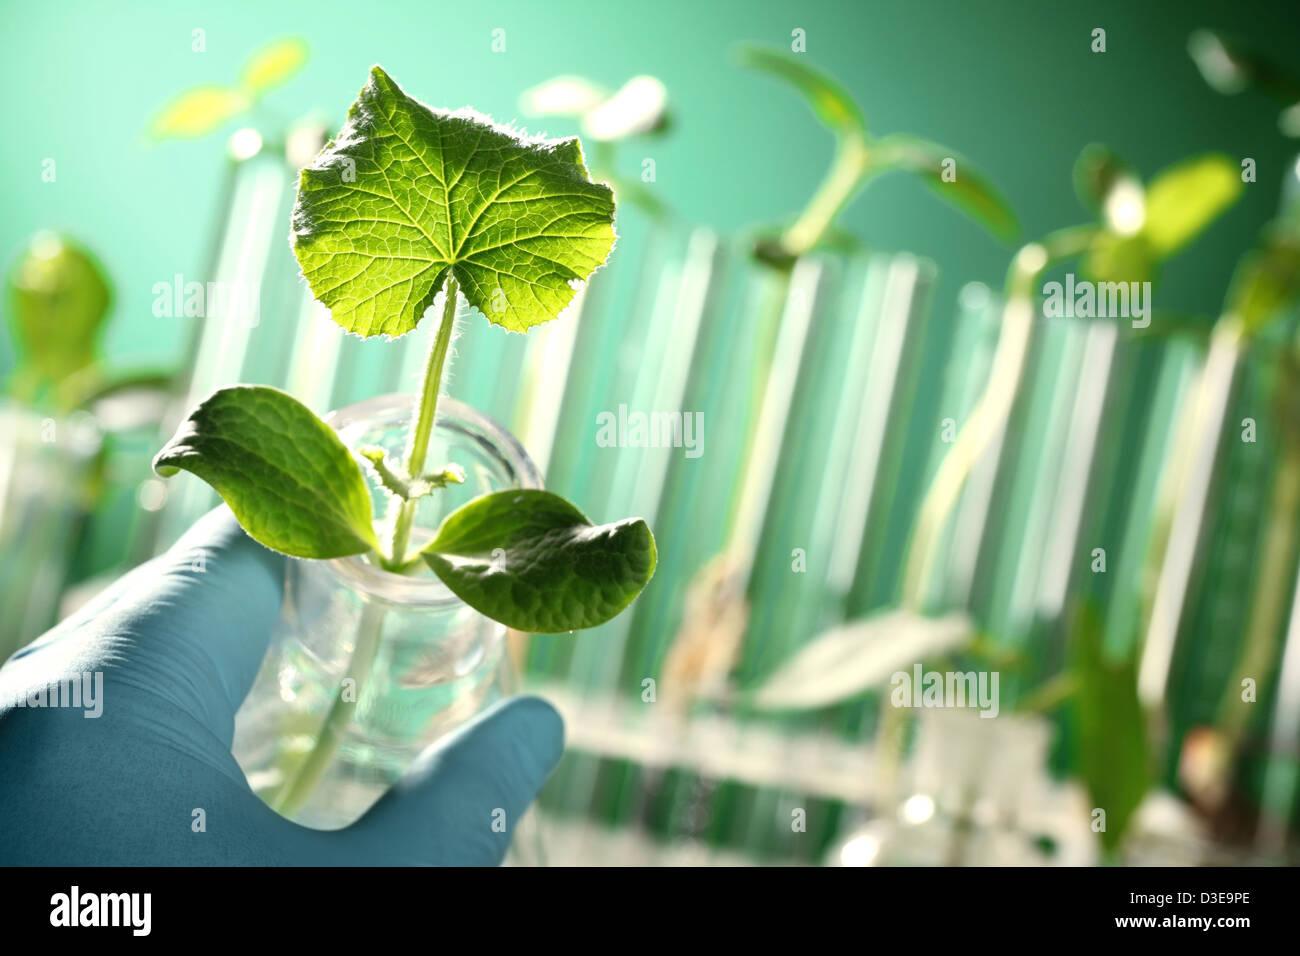 Mano a mano sosteniendo un tubo de ensayo con la planta Imagen De Stock